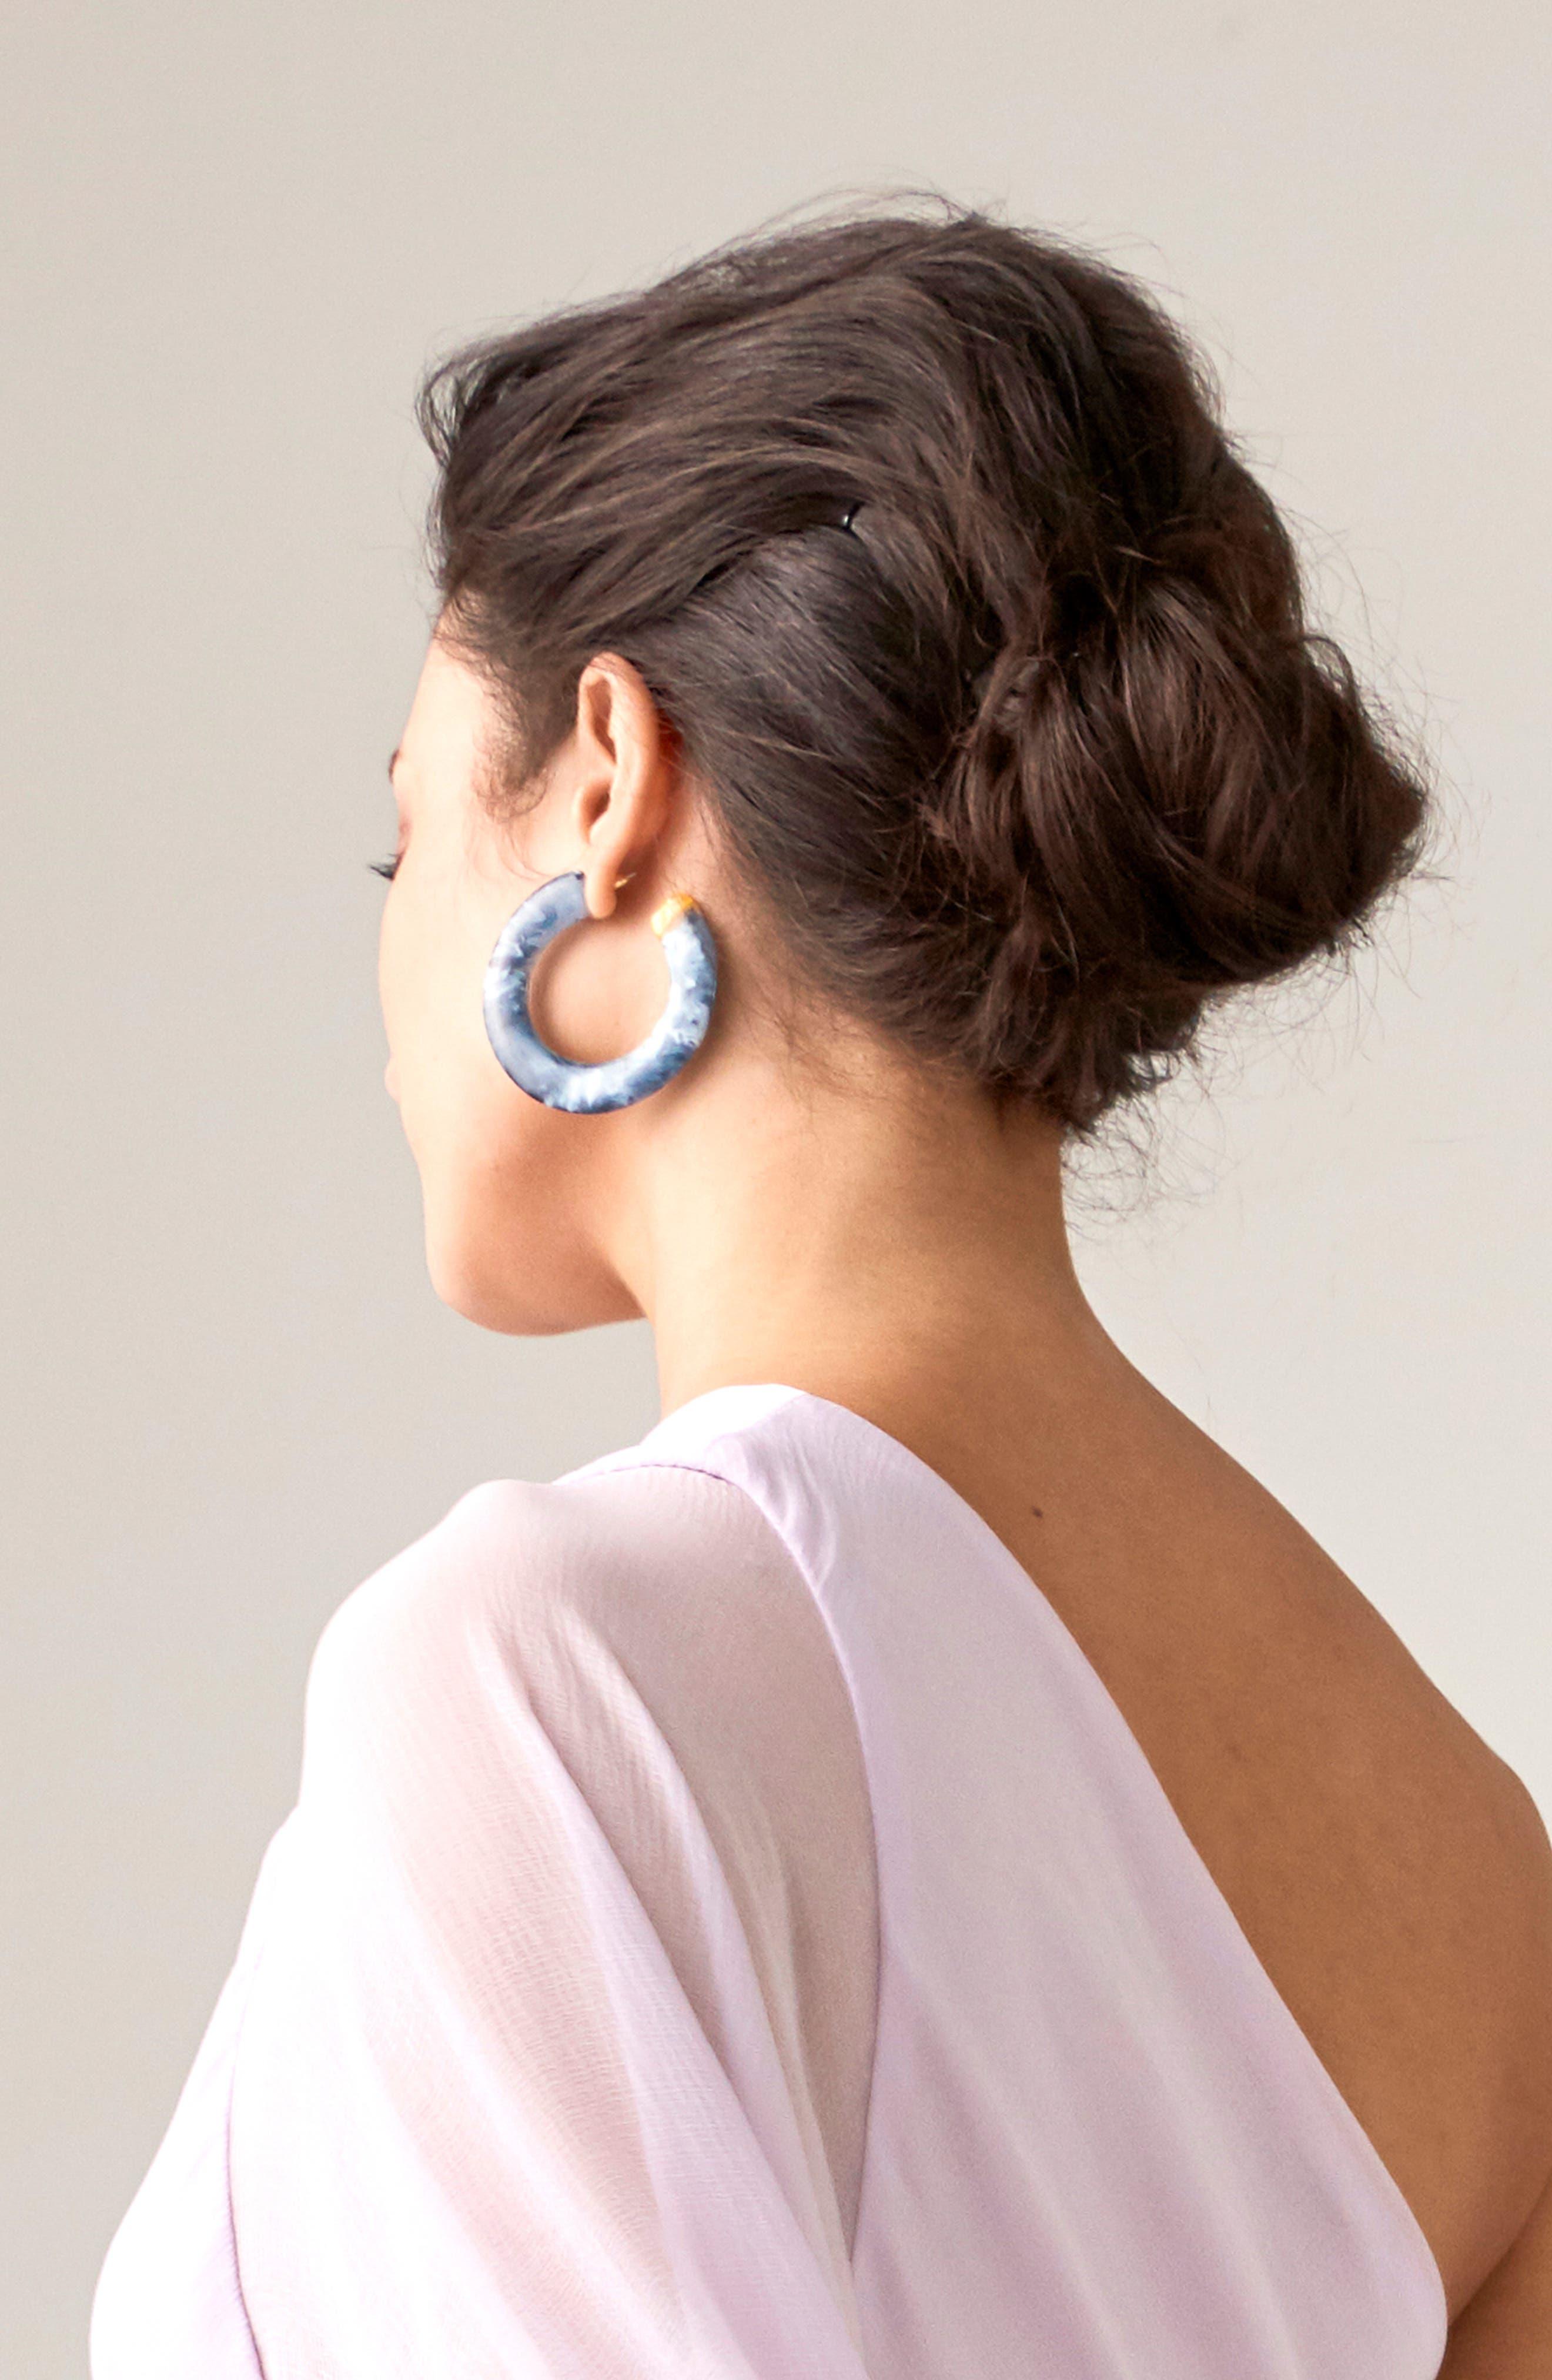 Mira Small Flat Hoop Earrings,                             Main thumbnail 1, color,                             400